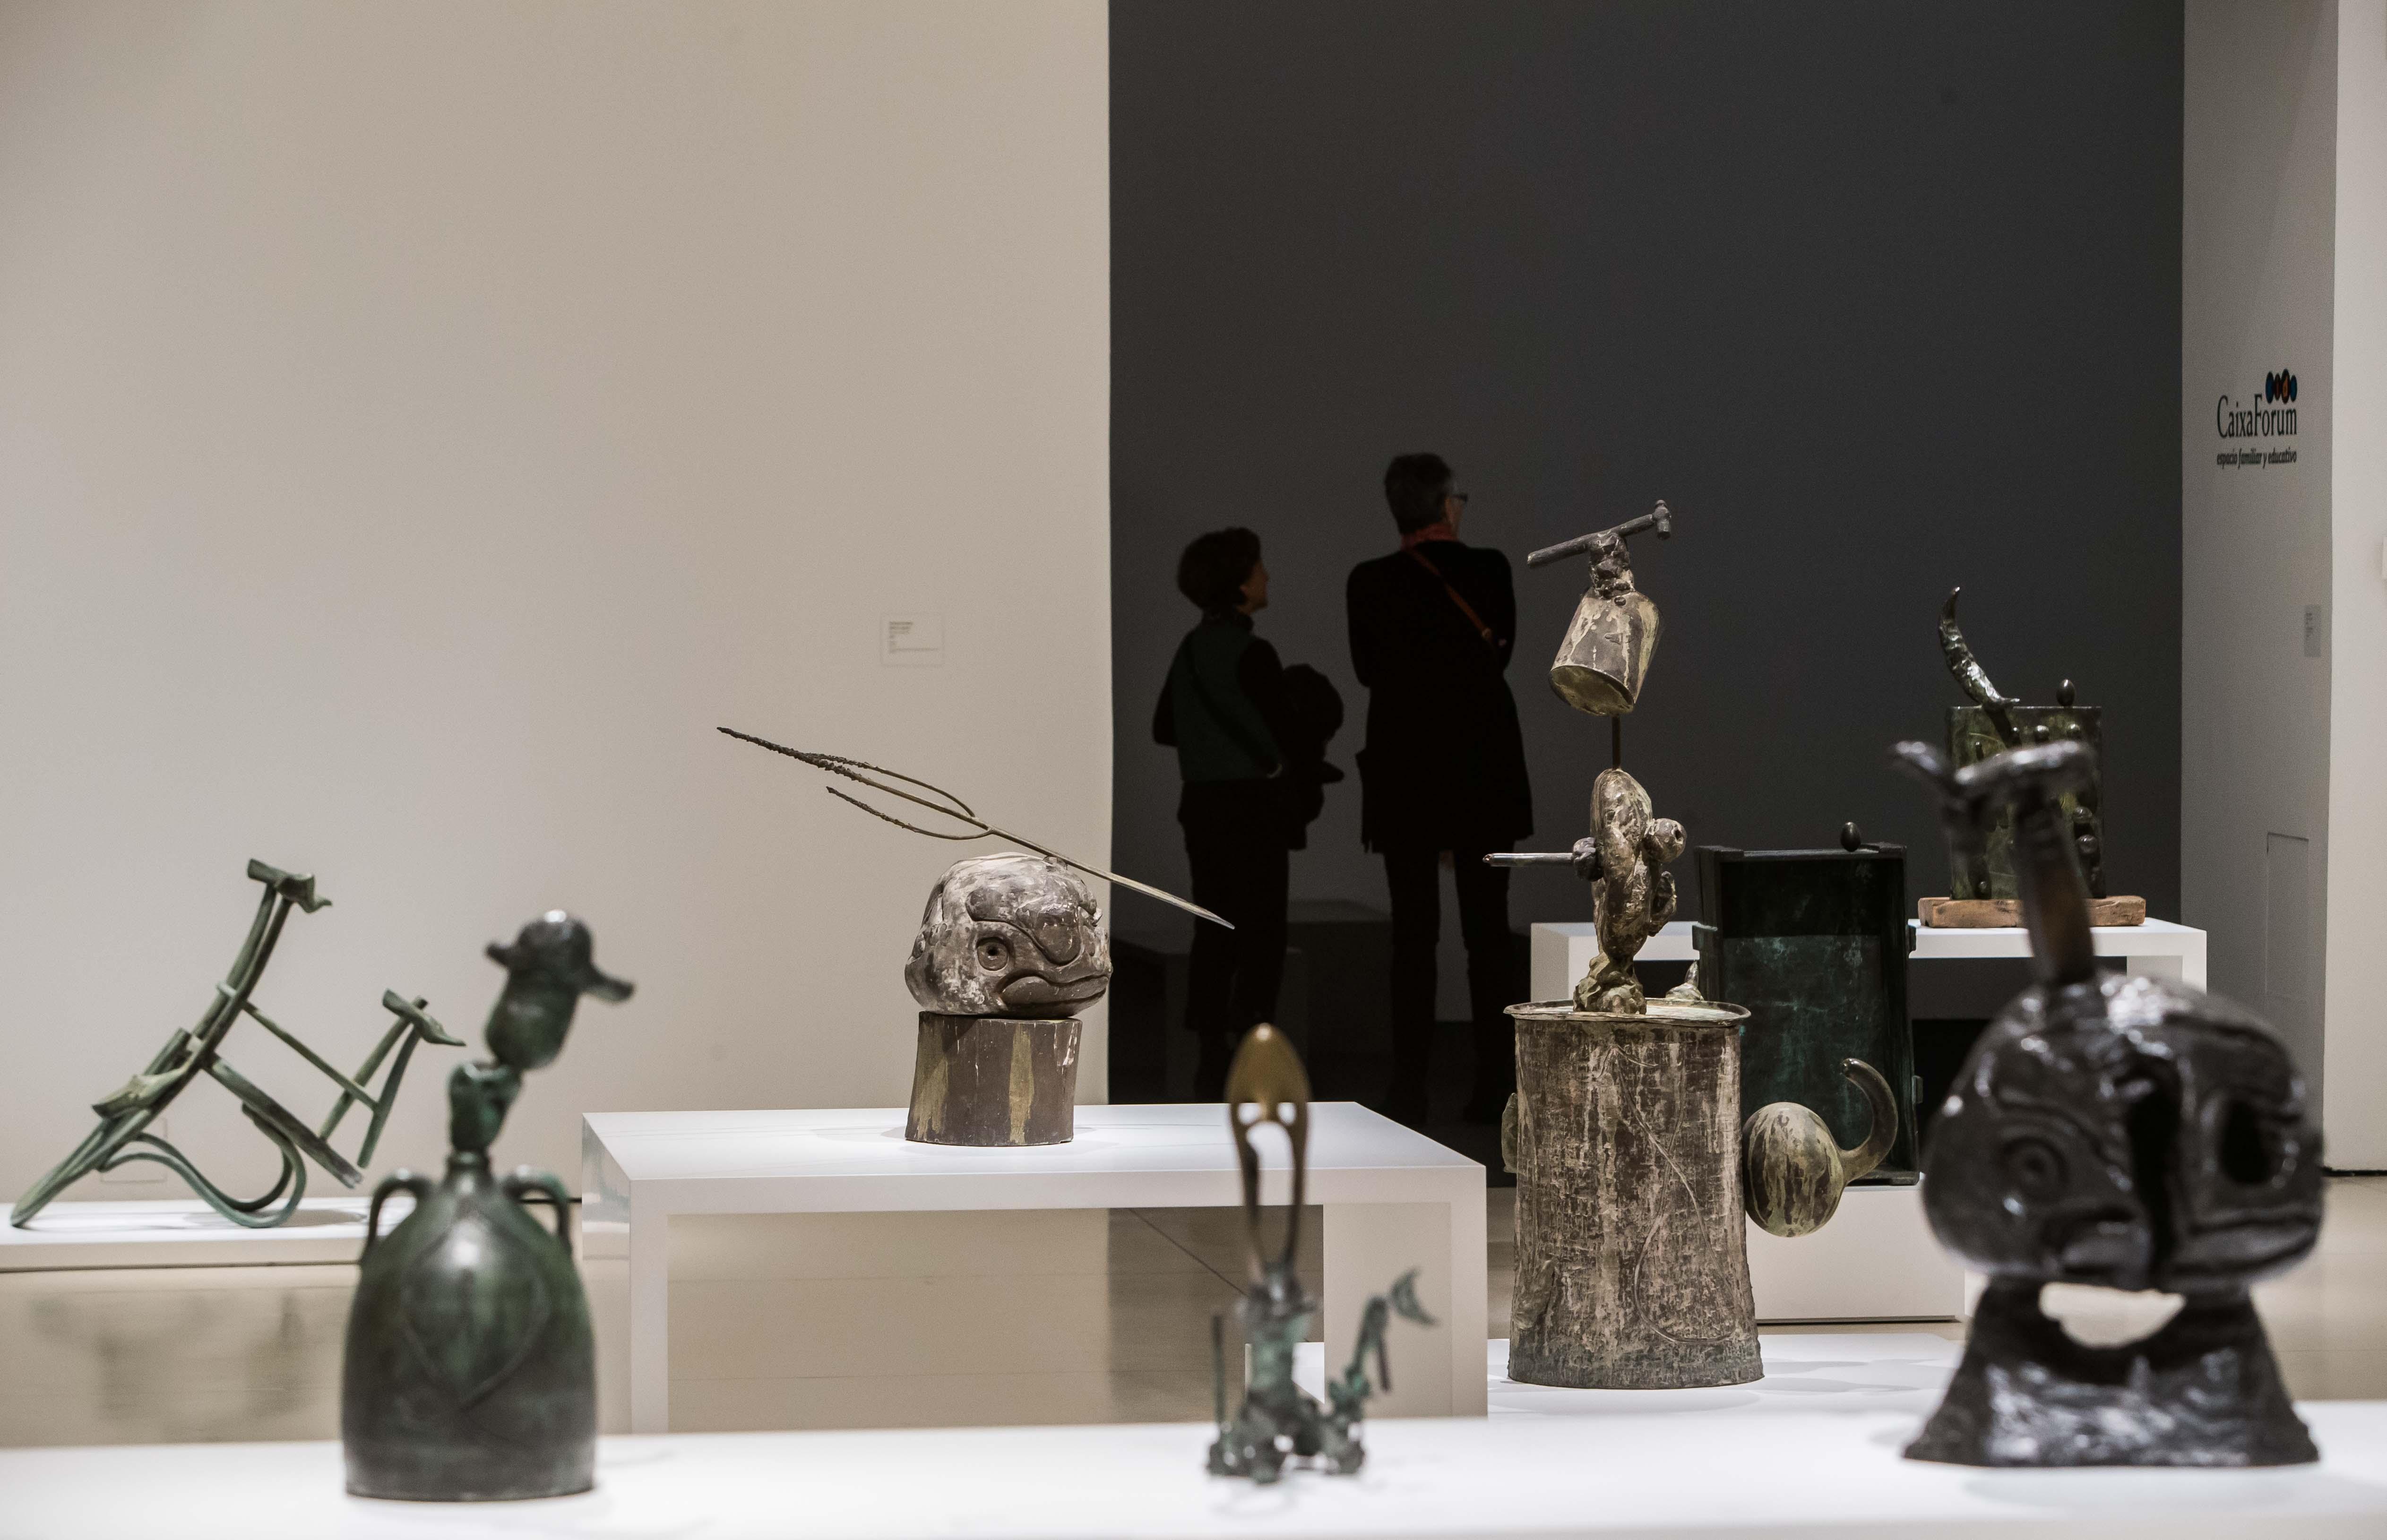 la-exposicion-parte-de-la-inclinacion-constante-del-artista-hacia-los-objetos-que-lo-lleva-a-recolectar-durante-toda-su-vida